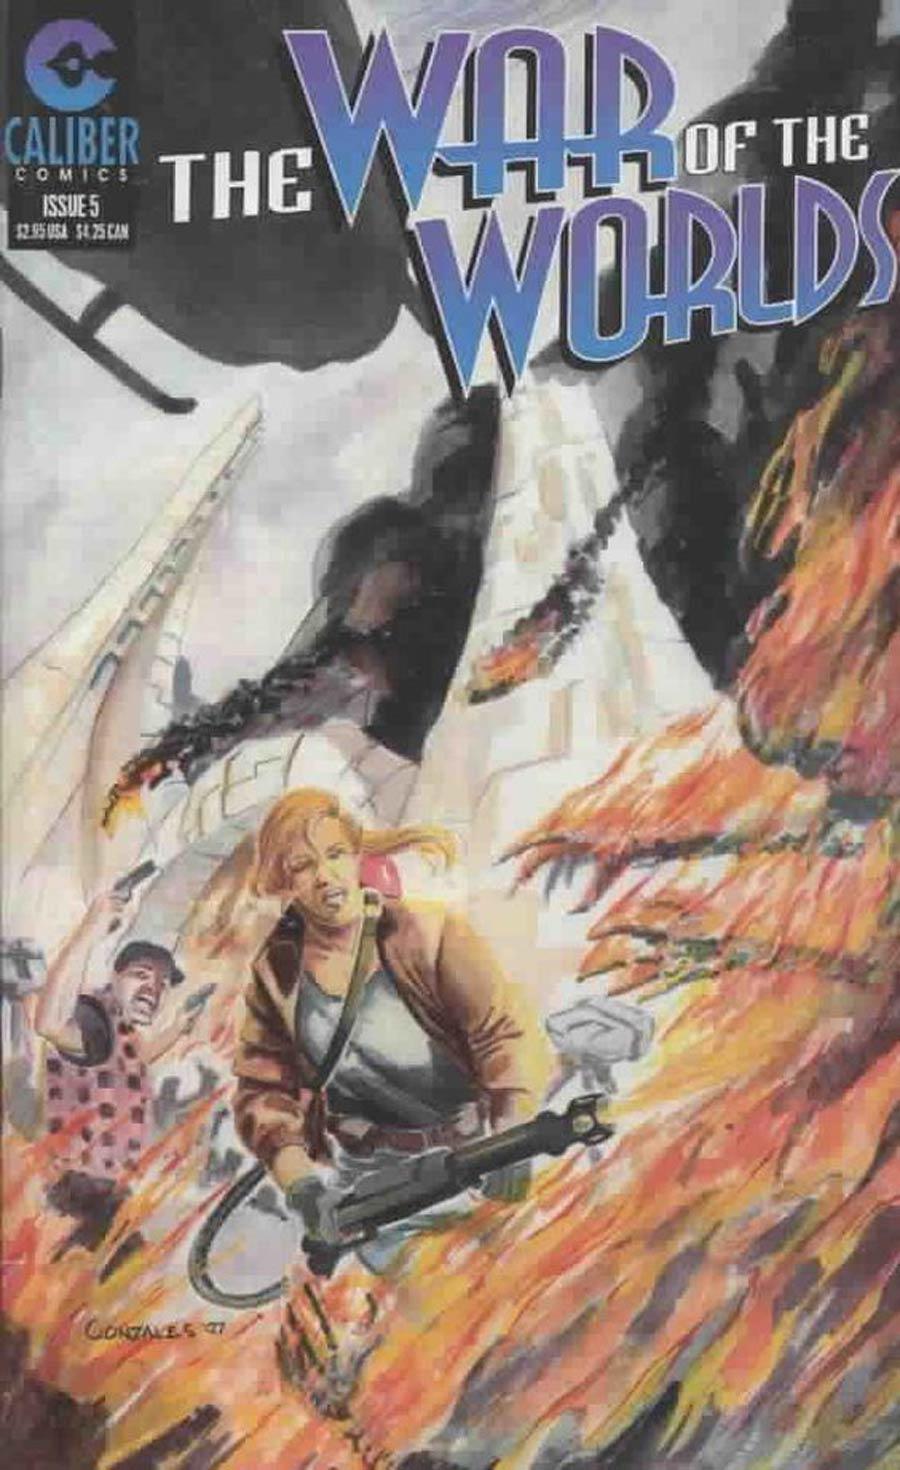 War Of The Worlds (Caliber) #5